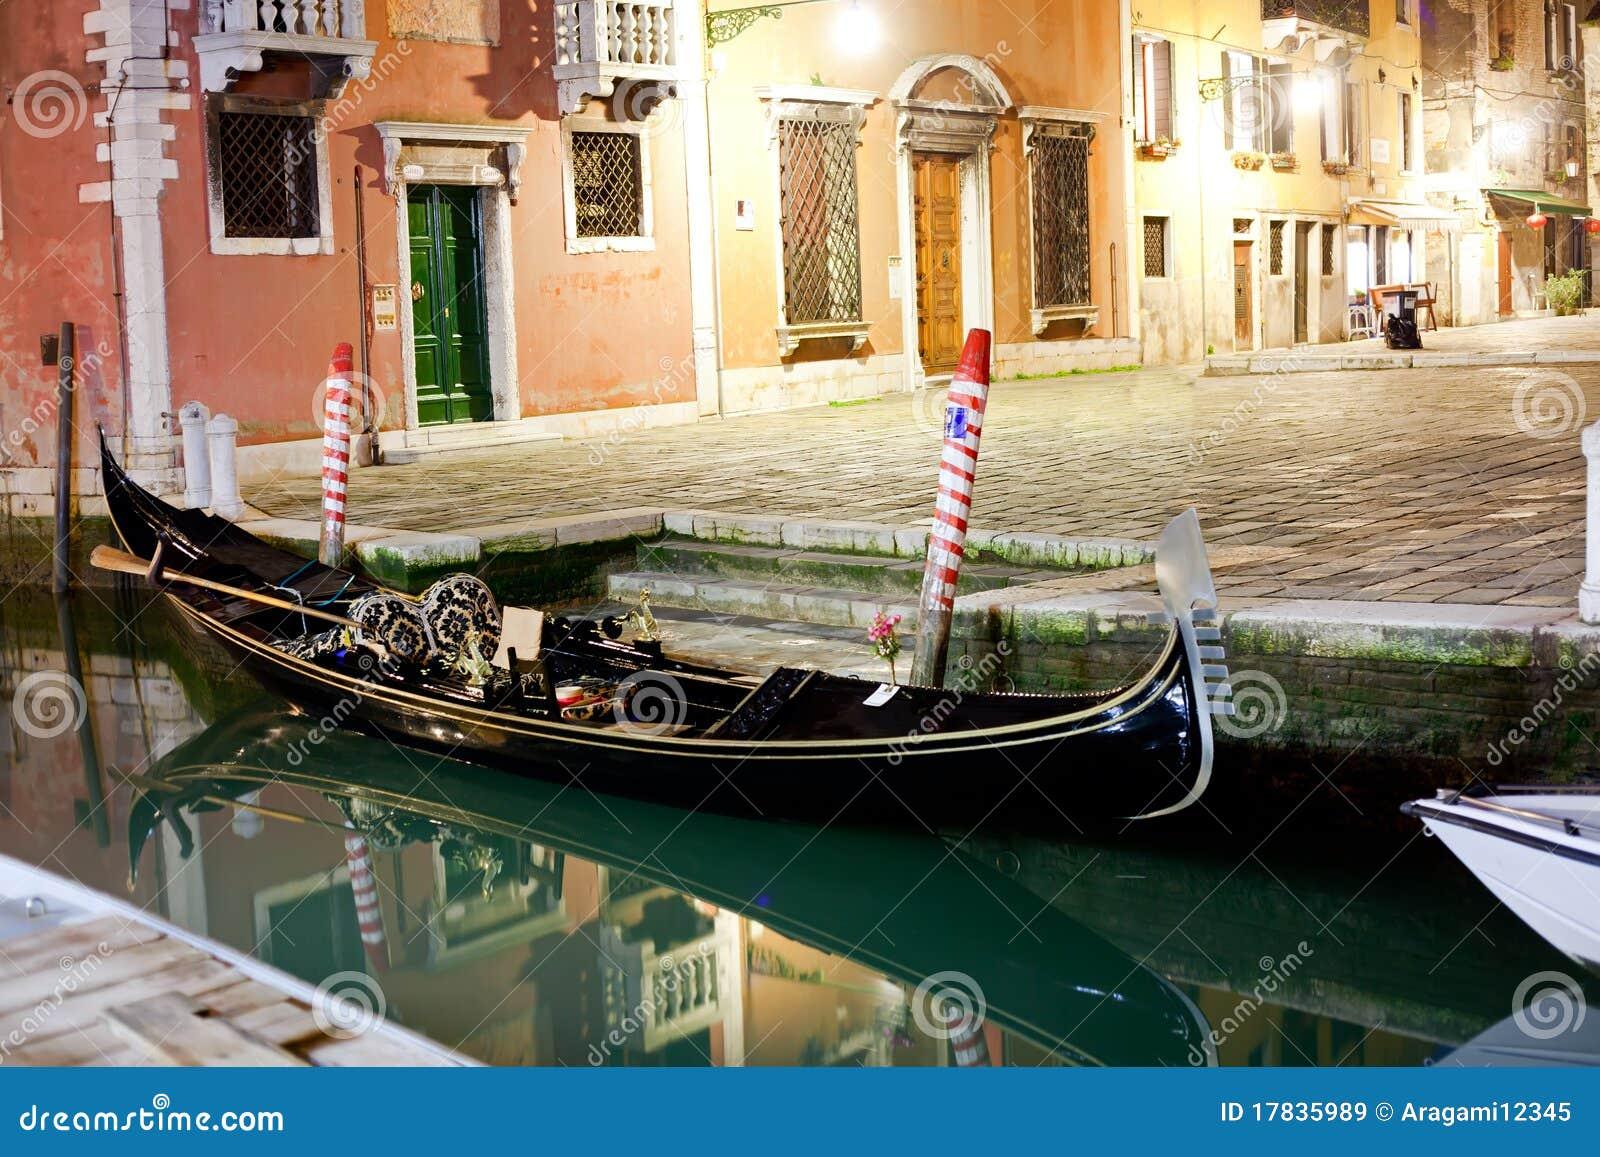 Venetianische Gondel nachts